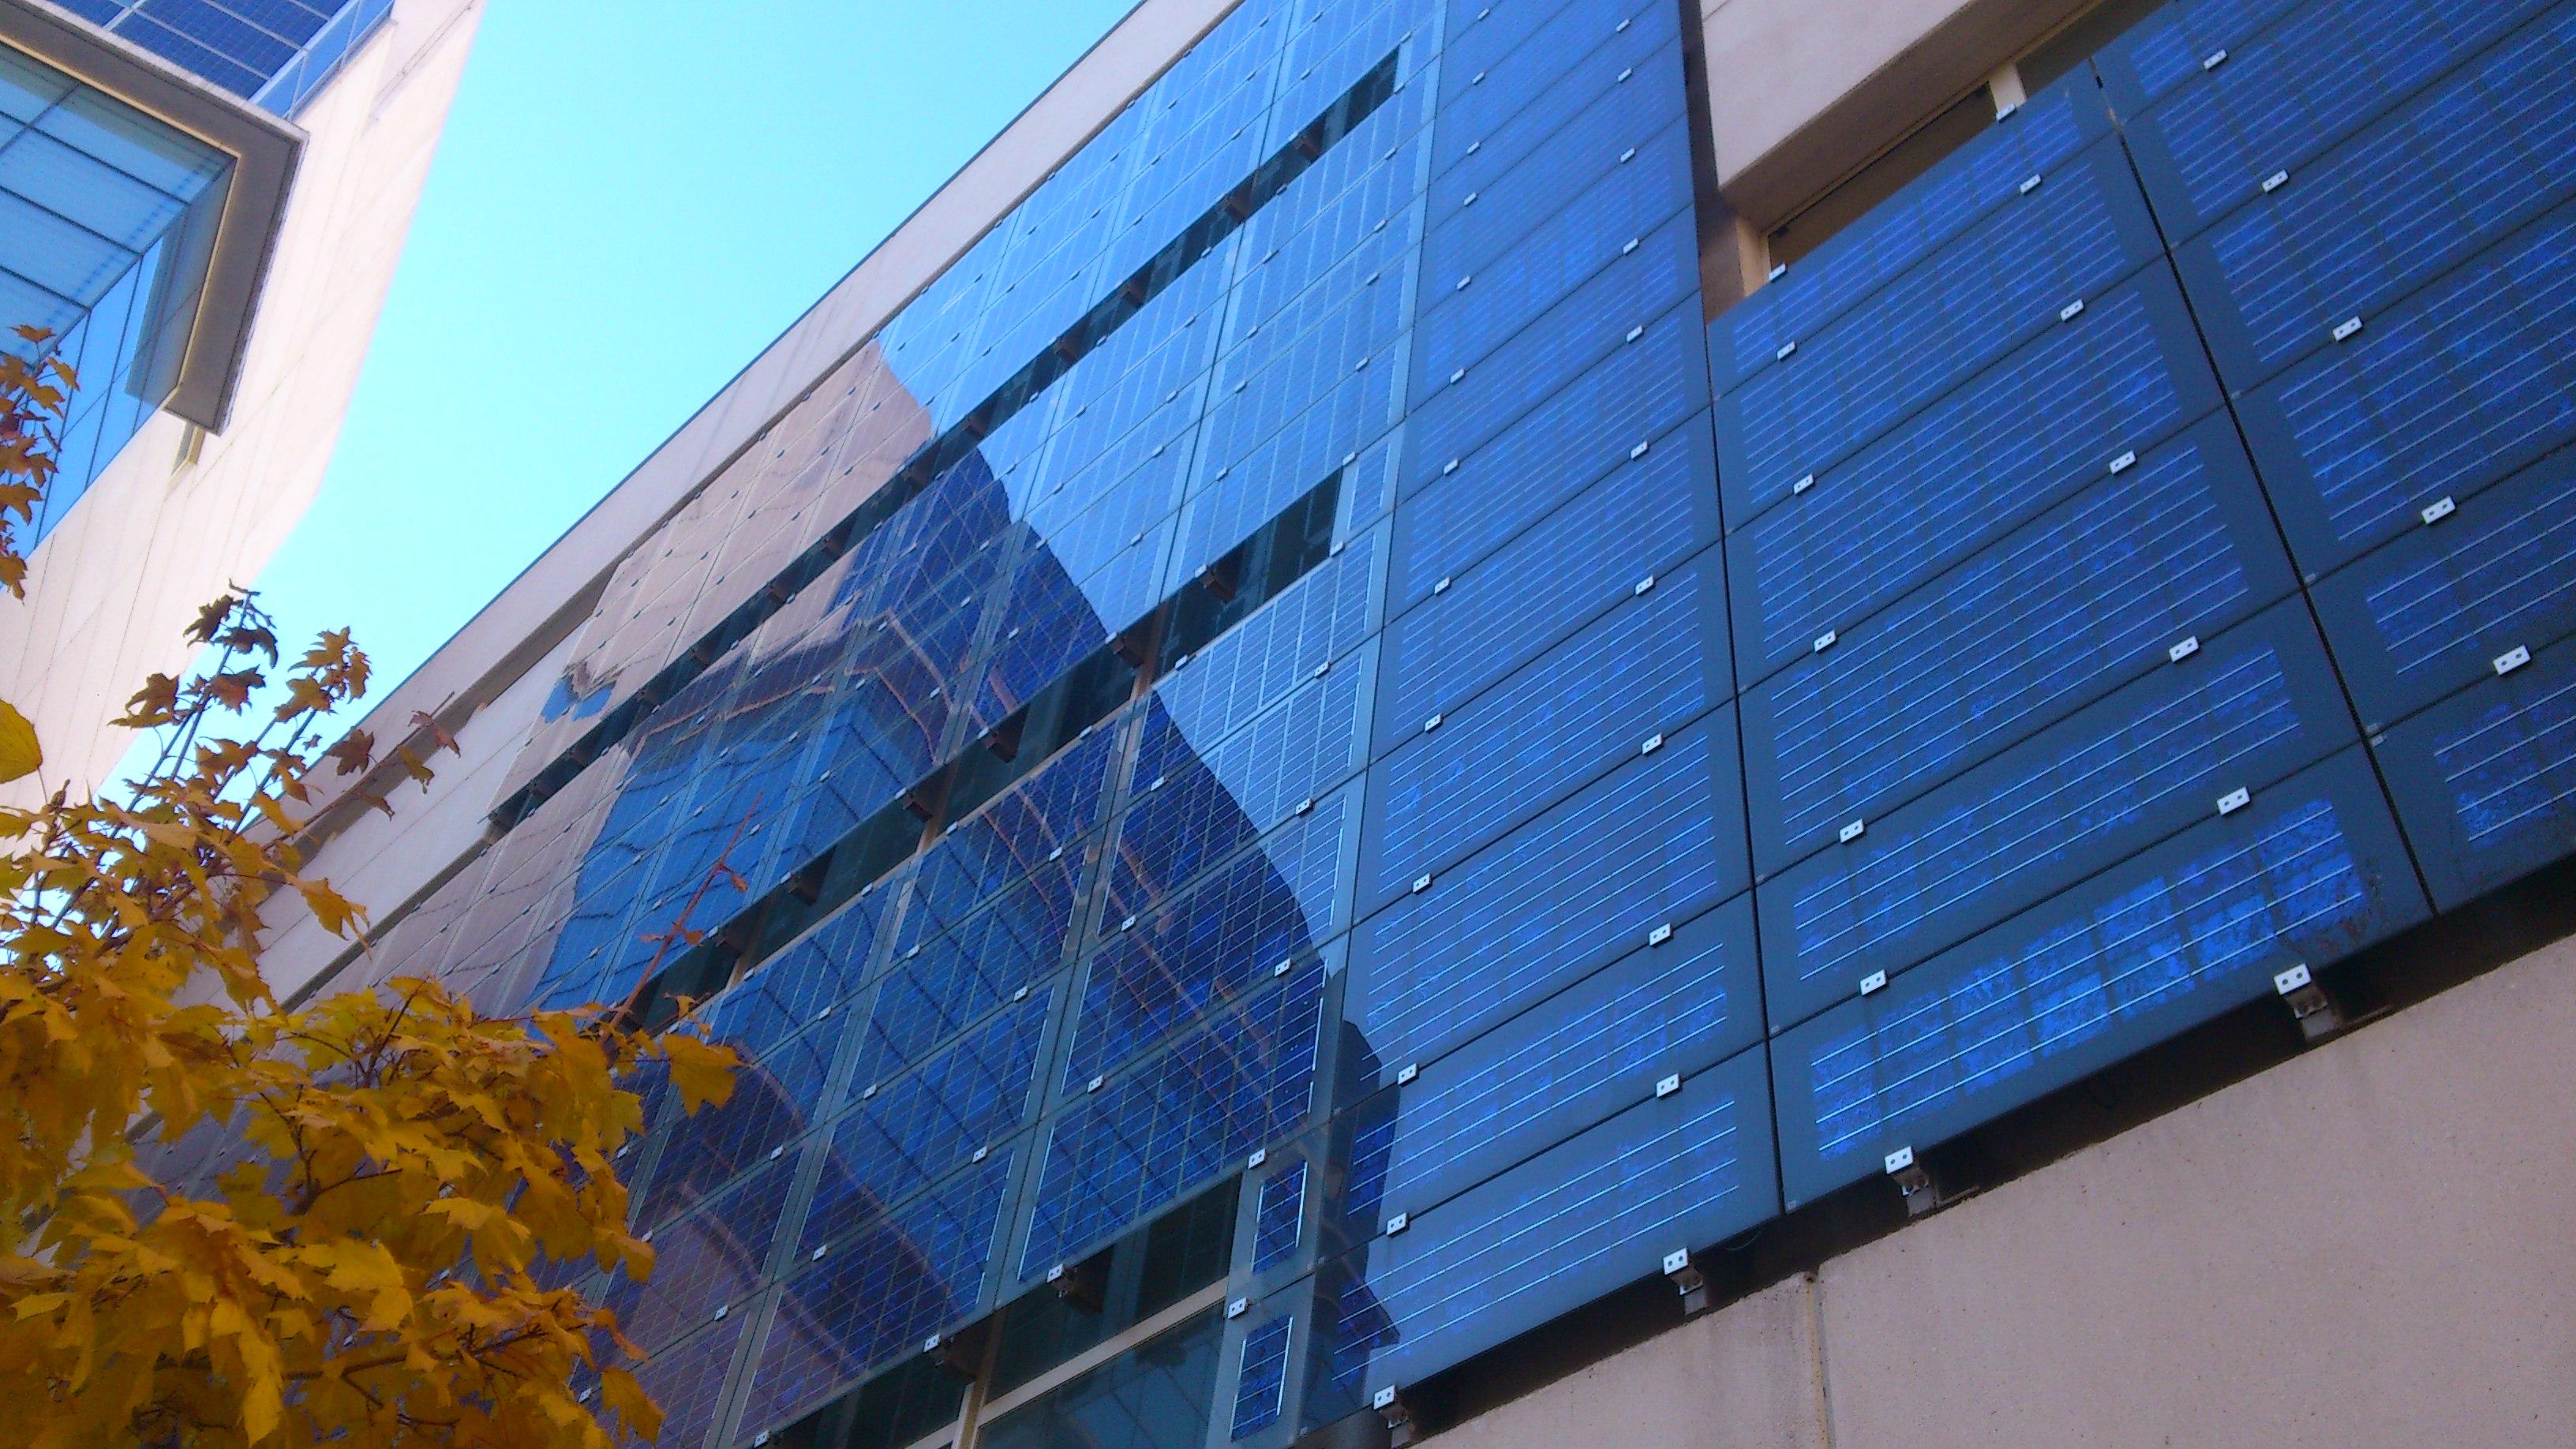 Prednosti ovih fasada kao izolacionih materijala se ogledaju u vidu konvencionalnih visokih performansi